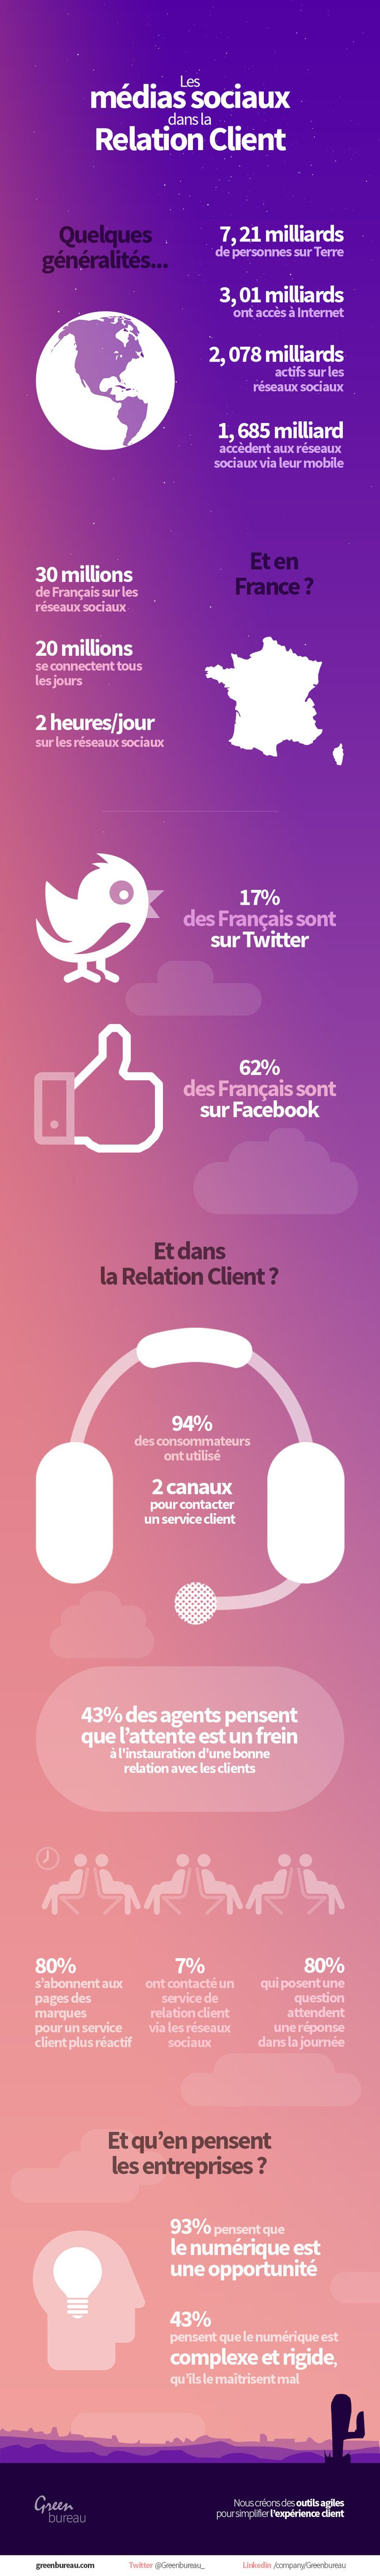 Quelle est la part des médias sociaux dans la relation client #ecommerce